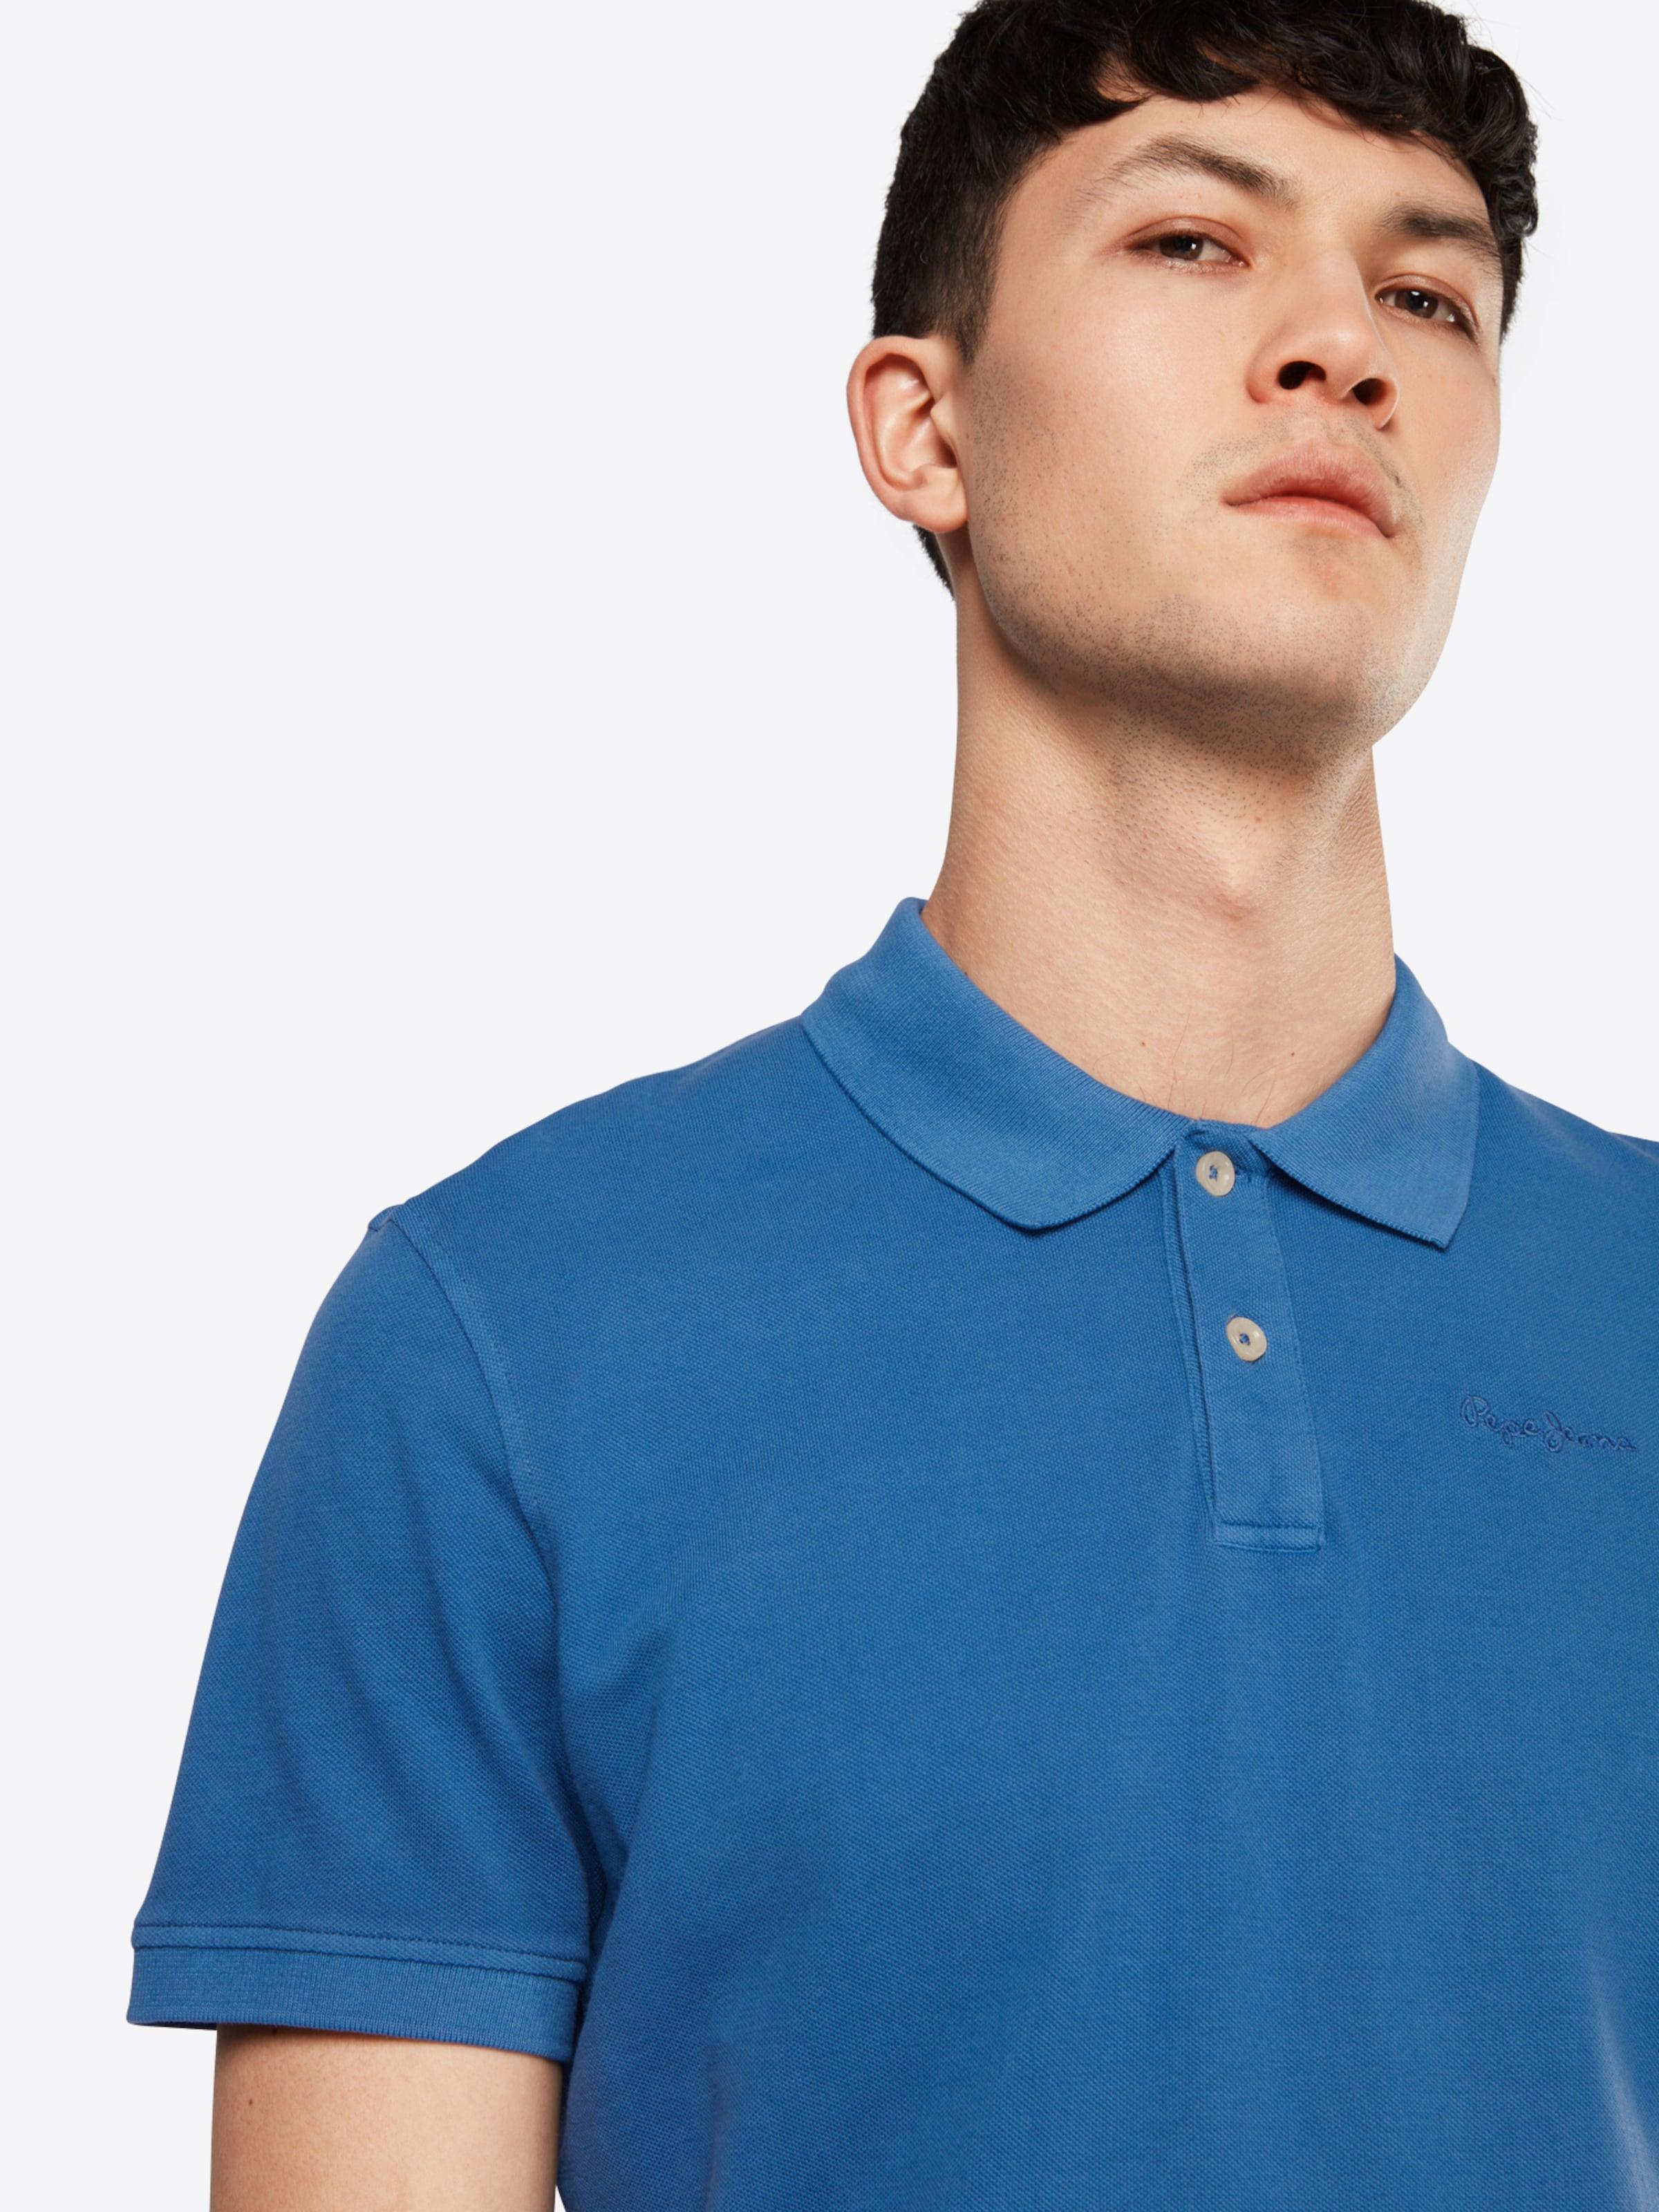 Pepe Jeans Poloshirt 'GUSTAV' 2018 Neueste Preiswerte Online Günstig Kaufen Neueste Freies Verschiffen Outlet-Store Spielraum Ebay Günstigstener Preis Günstiger Preis hsrR182